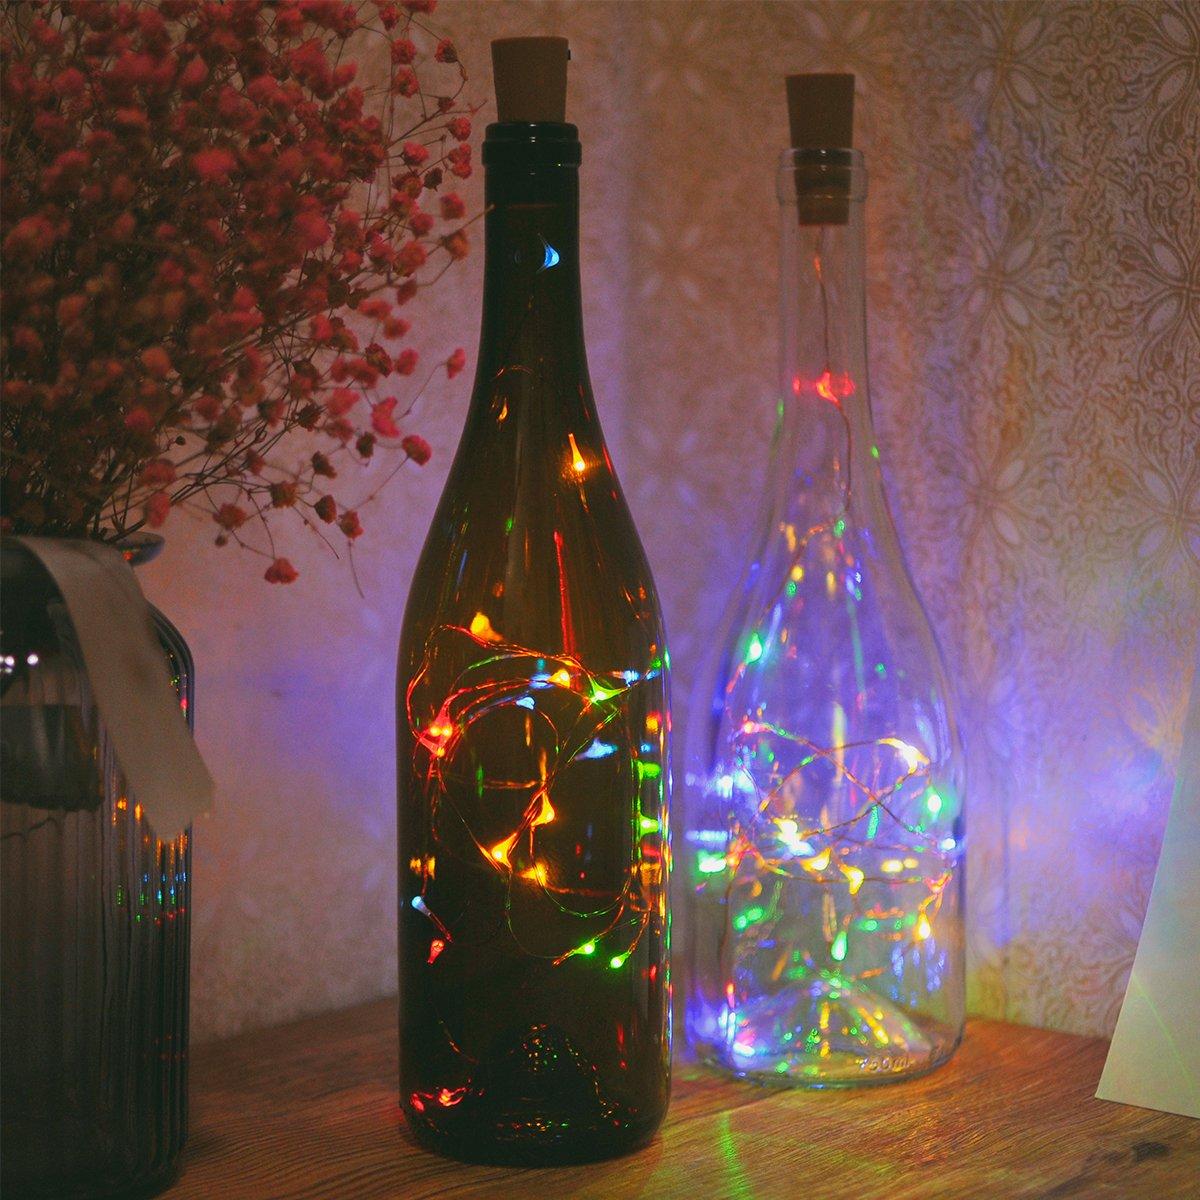 Parties Dekoration Batteriebetrieben Warmwei/ß Draht Flaschenleuchten f/ür Schlafzimmer Weinflaschen Lichterketten 2m // 7.2ft Sunniu 6 Packs Kork Kupfer Sternenklare Lichterketten